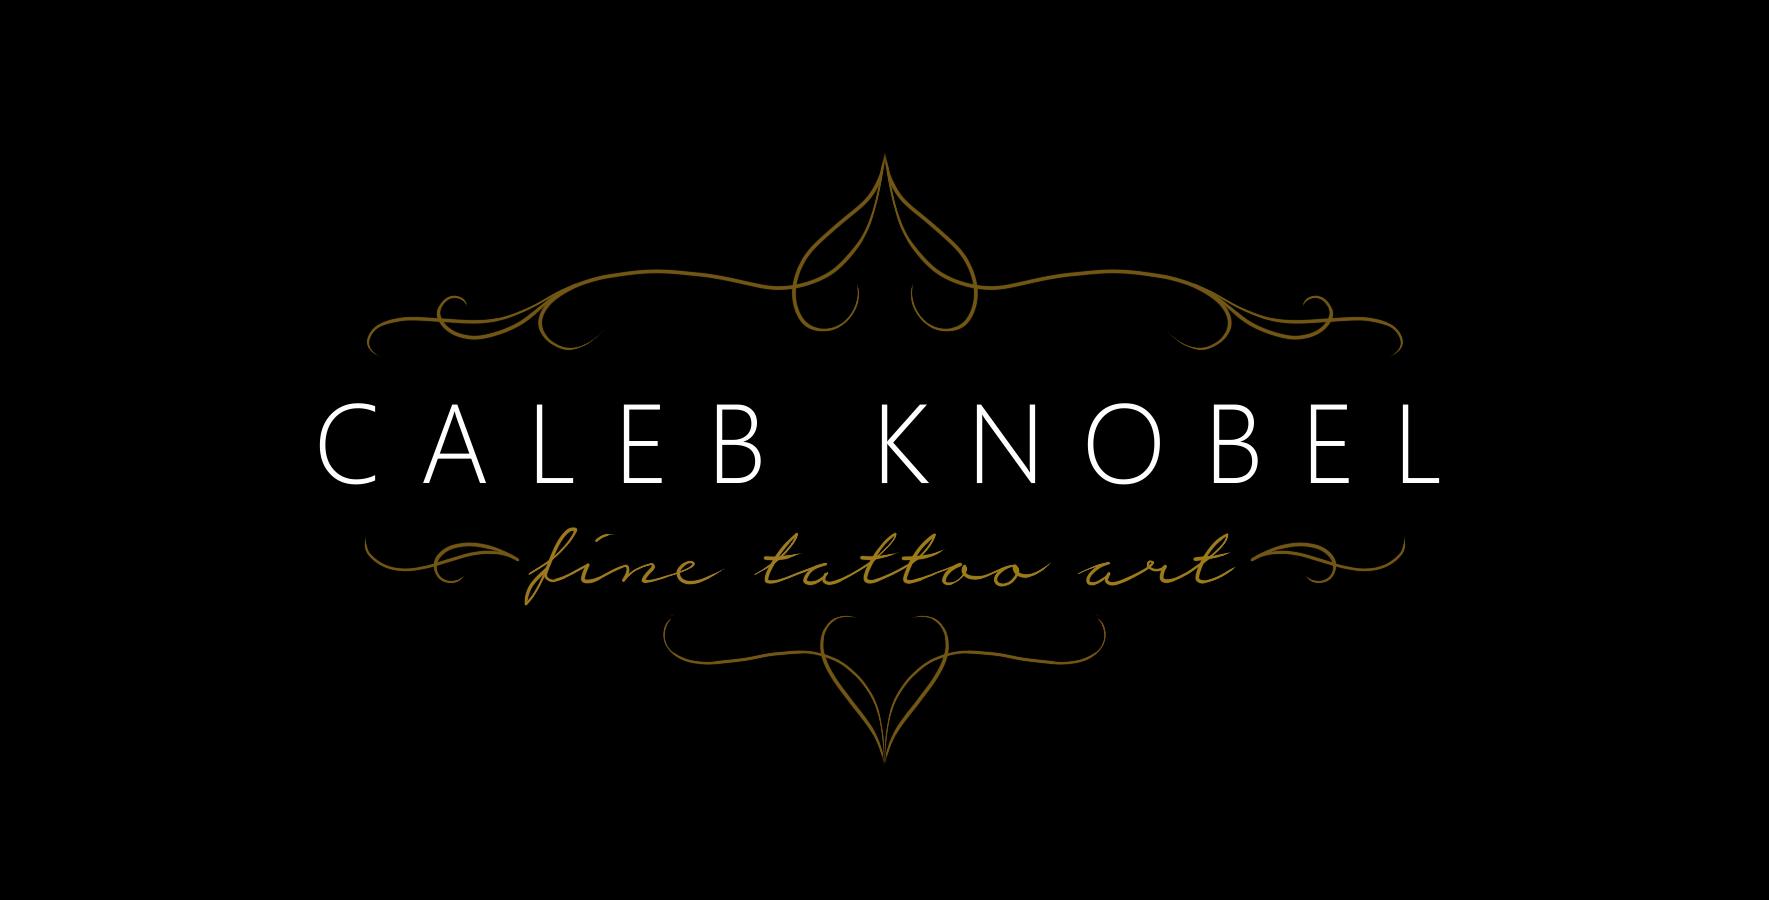 Caleb Knobel